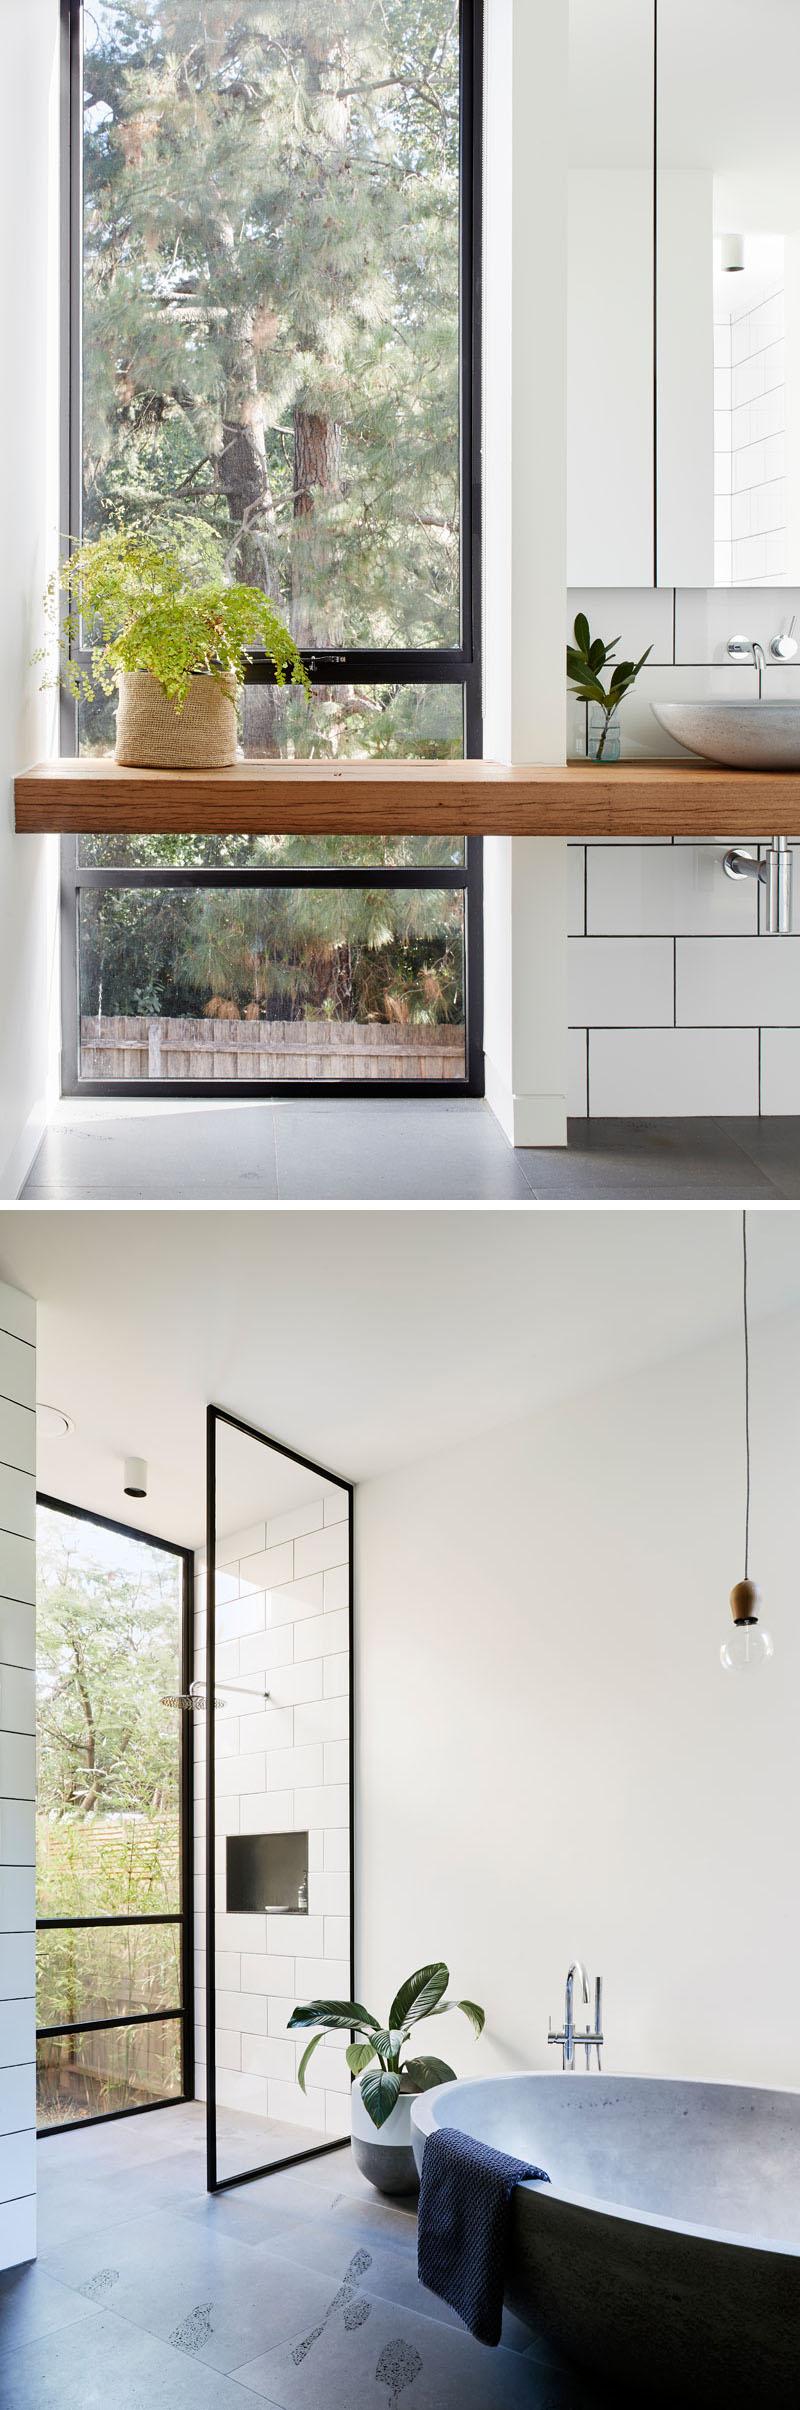 Moderne stoere badkamerontwerp door  architectenstudio tenfiftyfive